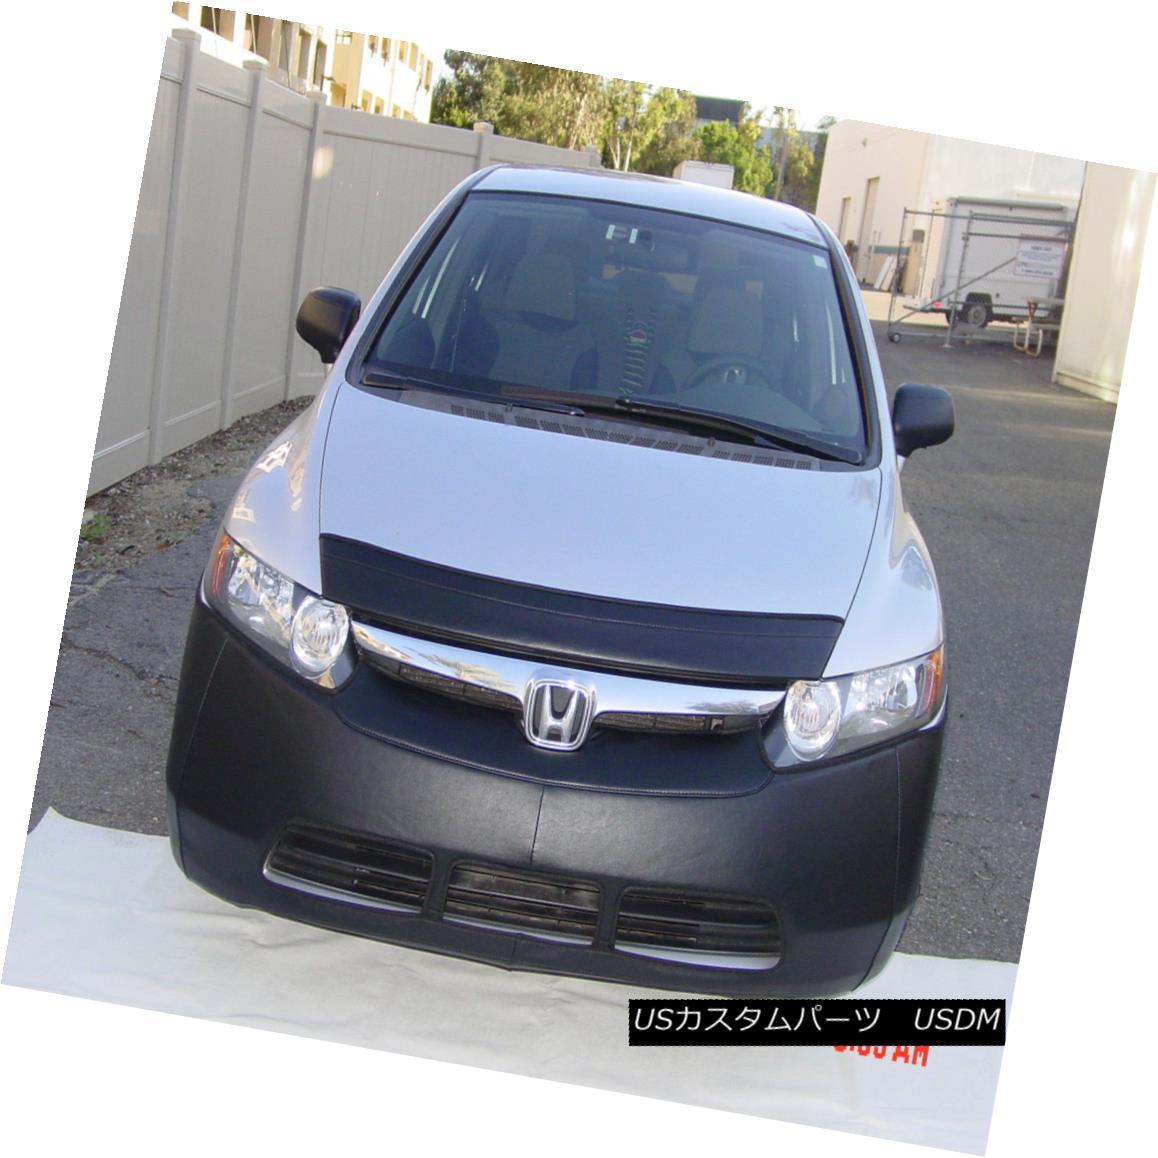 フルブラ ノーズブラ Colgan Front End Mask Bra 2pc. Fits Honda Civic Sedan 2006-2008 w/o Lic.Plate コルガンフロントエンドマスクブラ2pc ホンダシビックセダン2006-2008(Lic.Plateなし)に適合